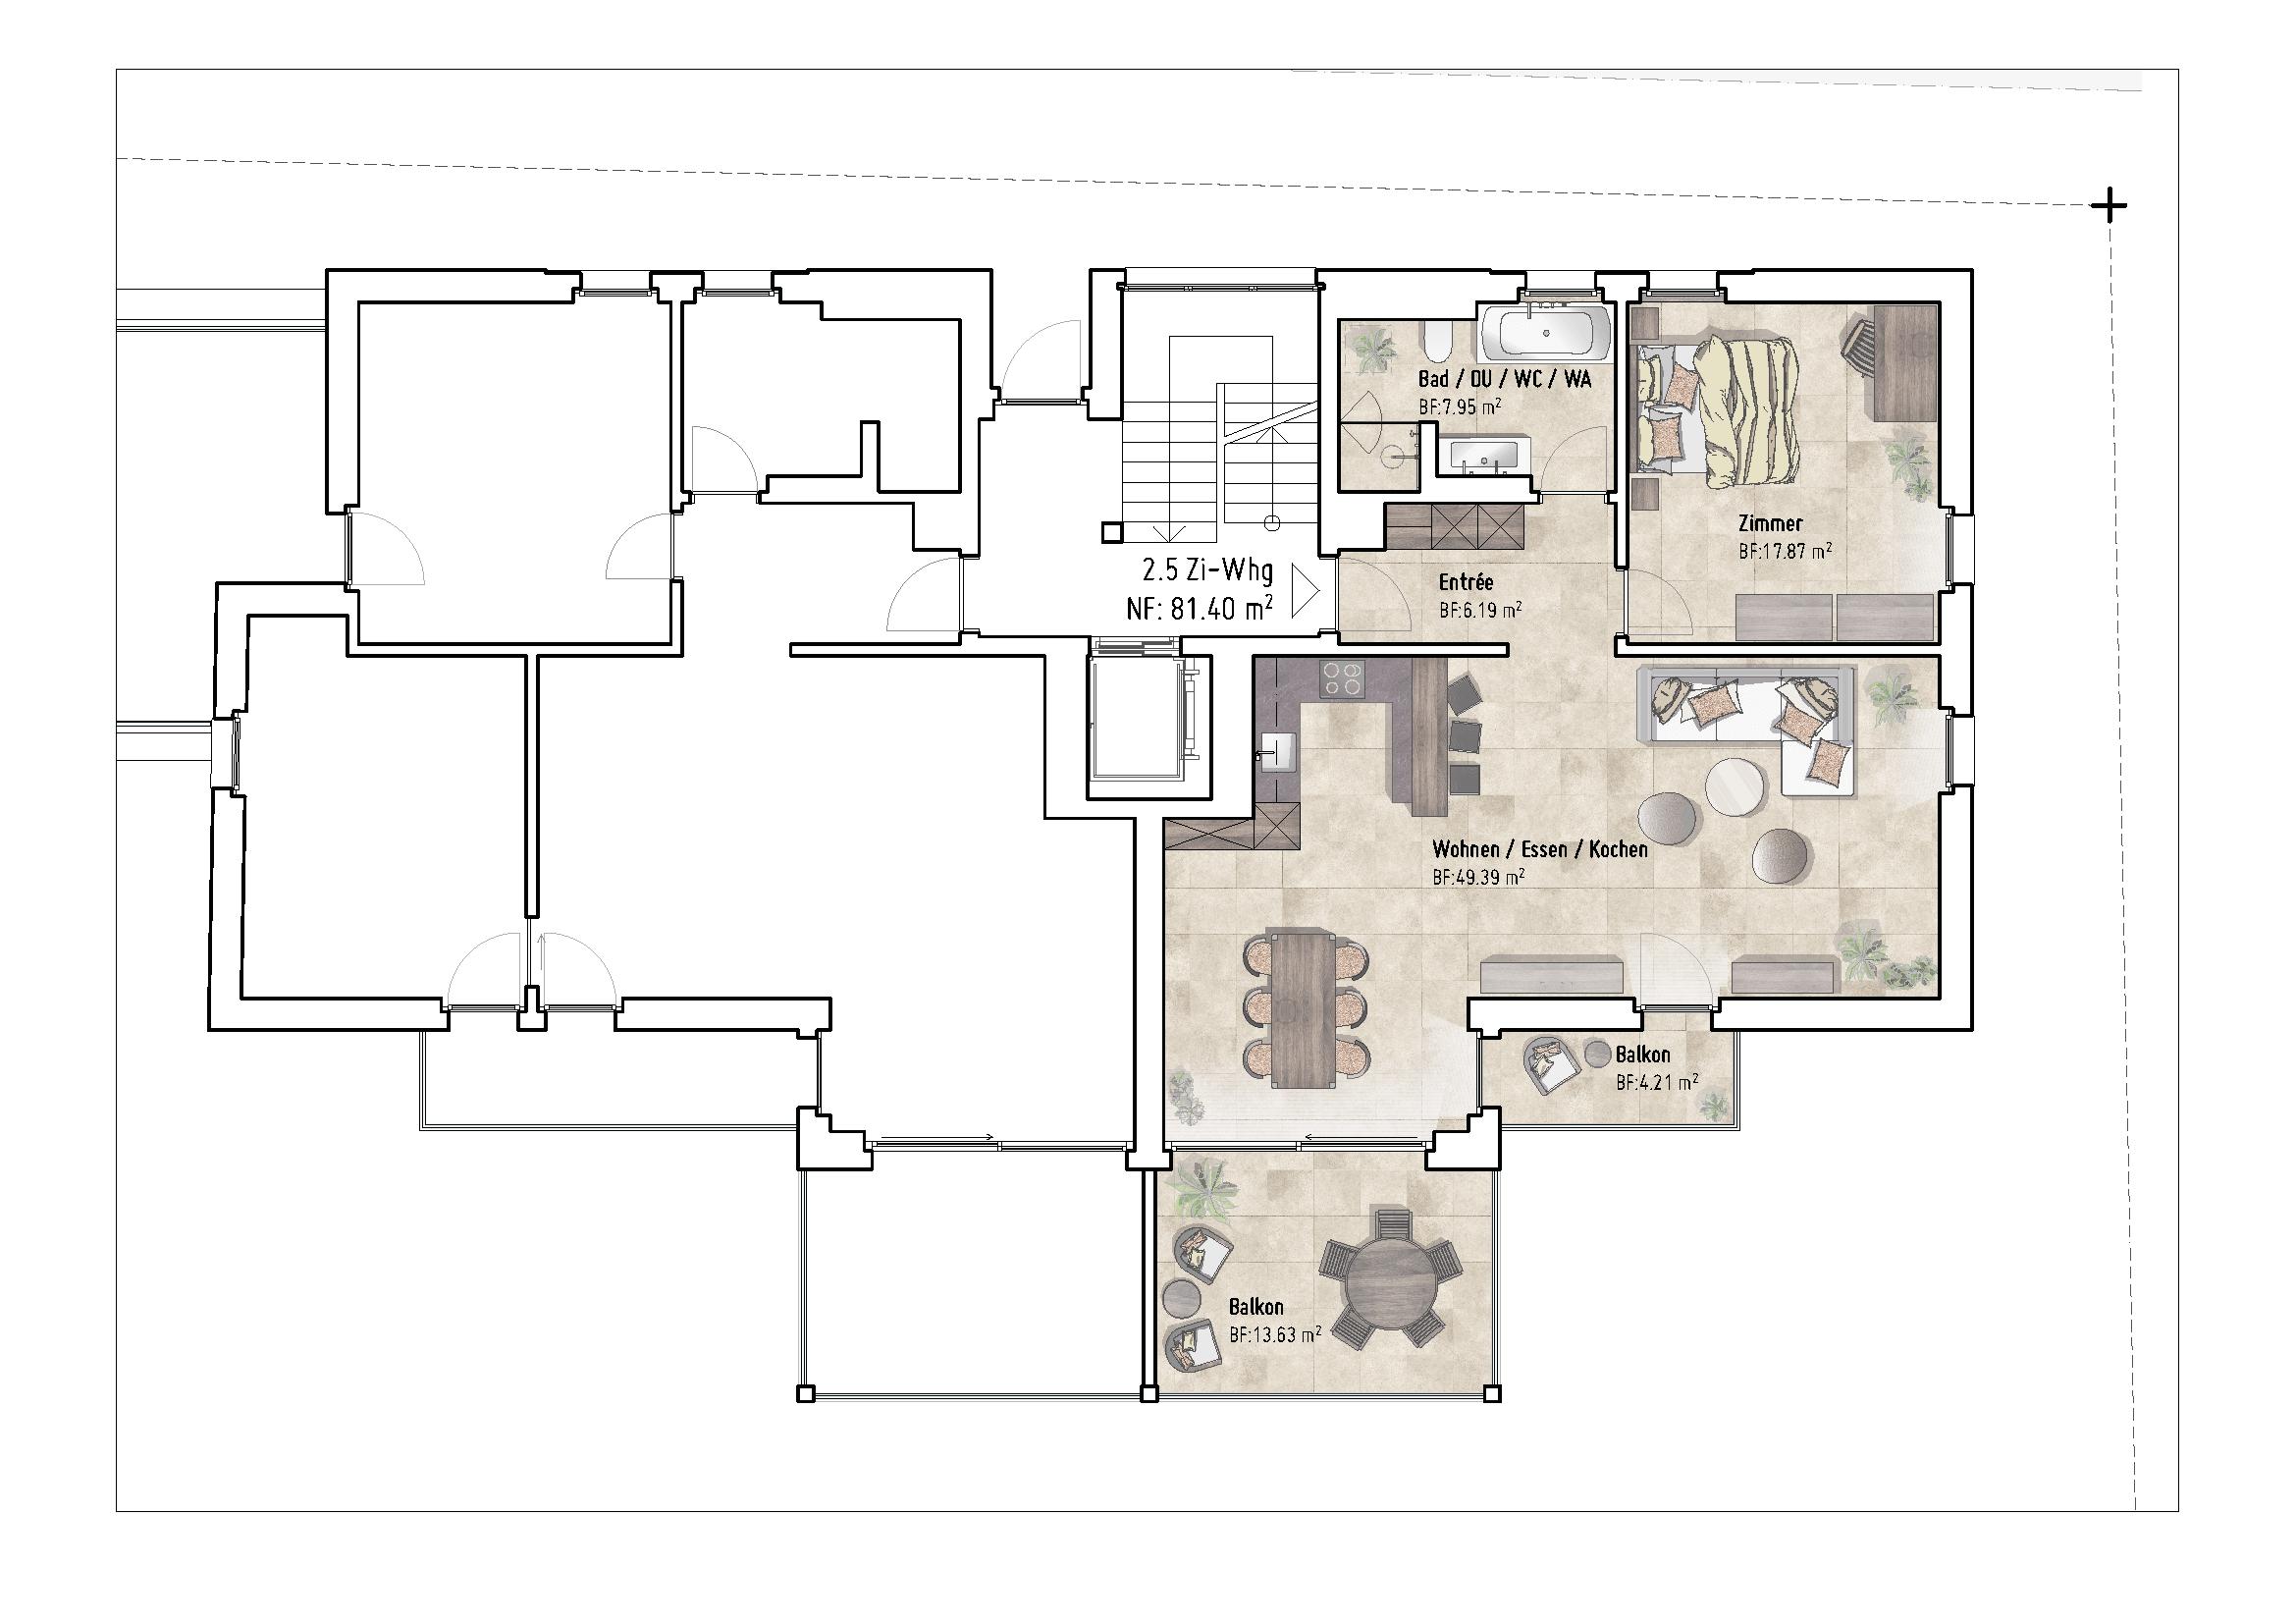 Wohnung 2.5 Zi-Whg